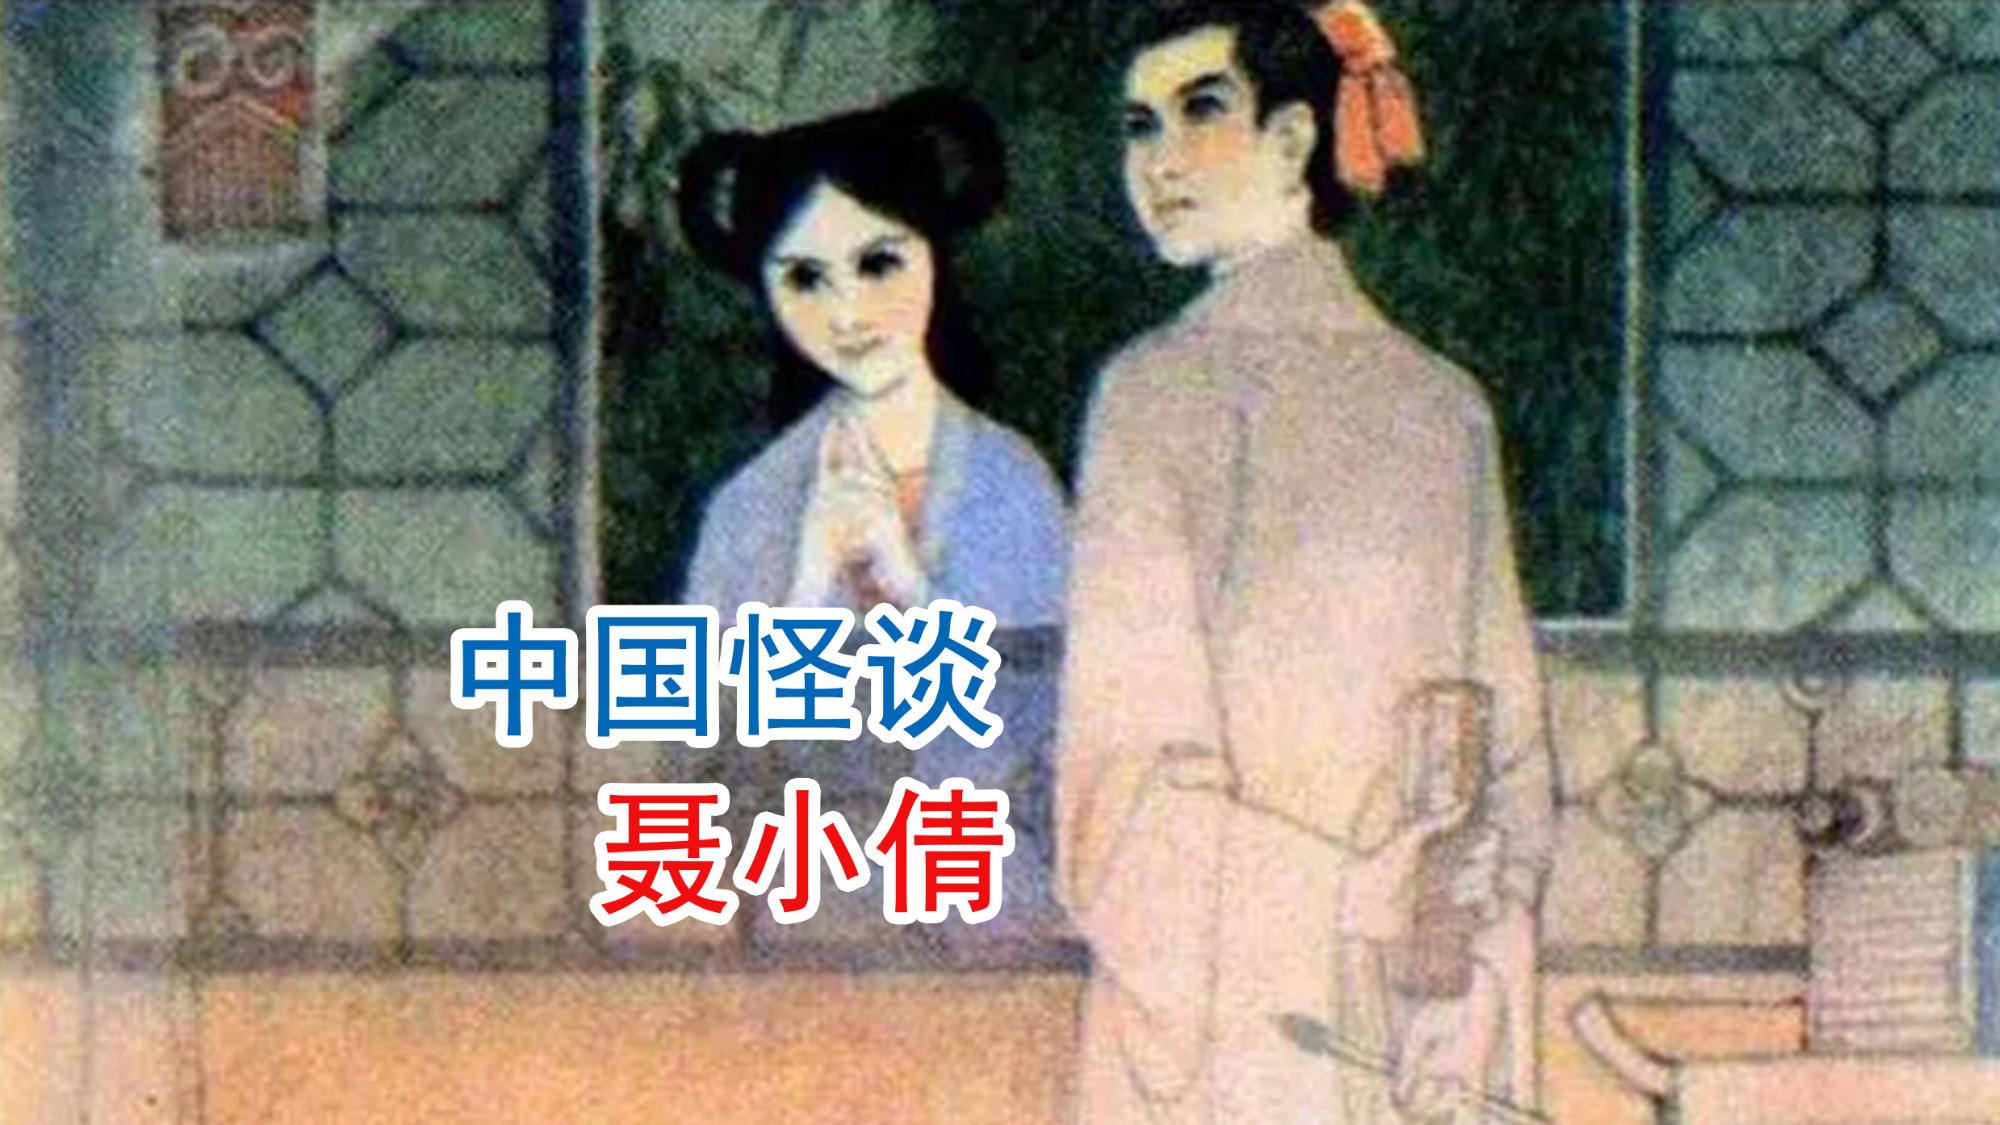 中国怪谈,女鬼聂小倩居然和宁采臣生了两个男孩